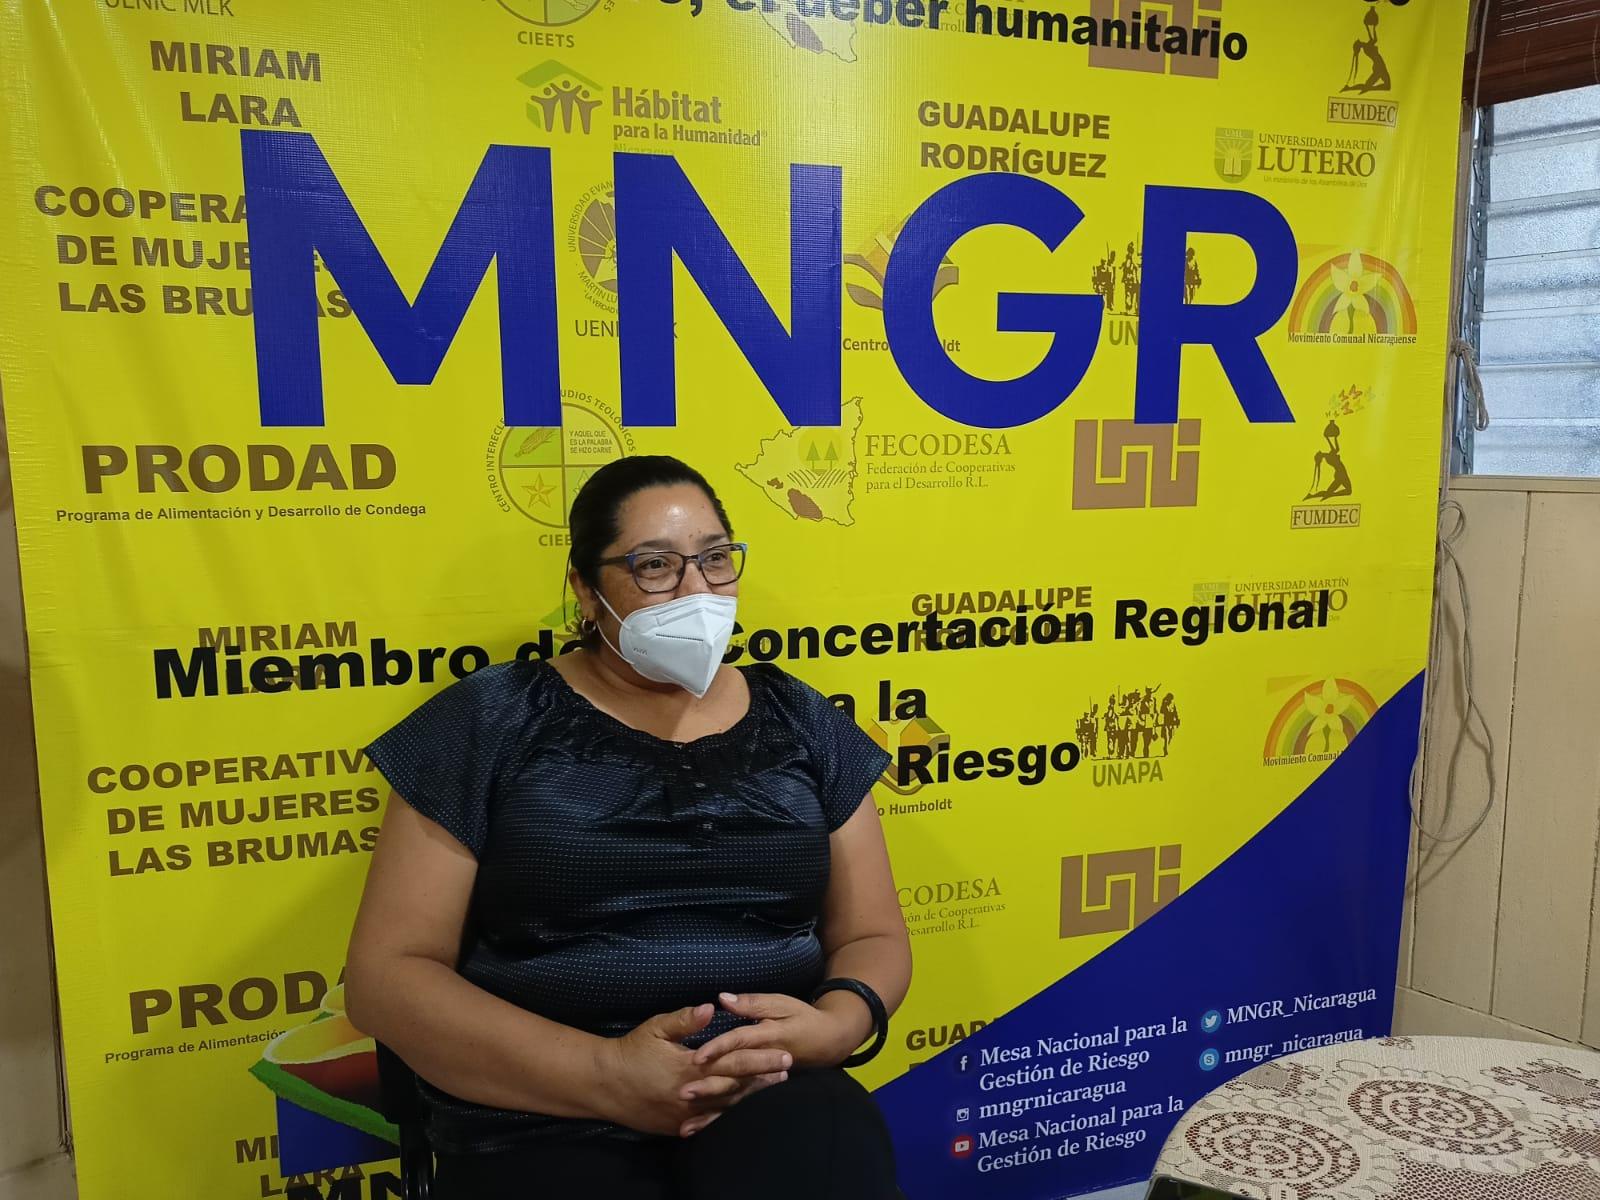 Notables avances en reducción de riesgo ante desastres Managua. Jaime Mejía/ Radio La Primerísima